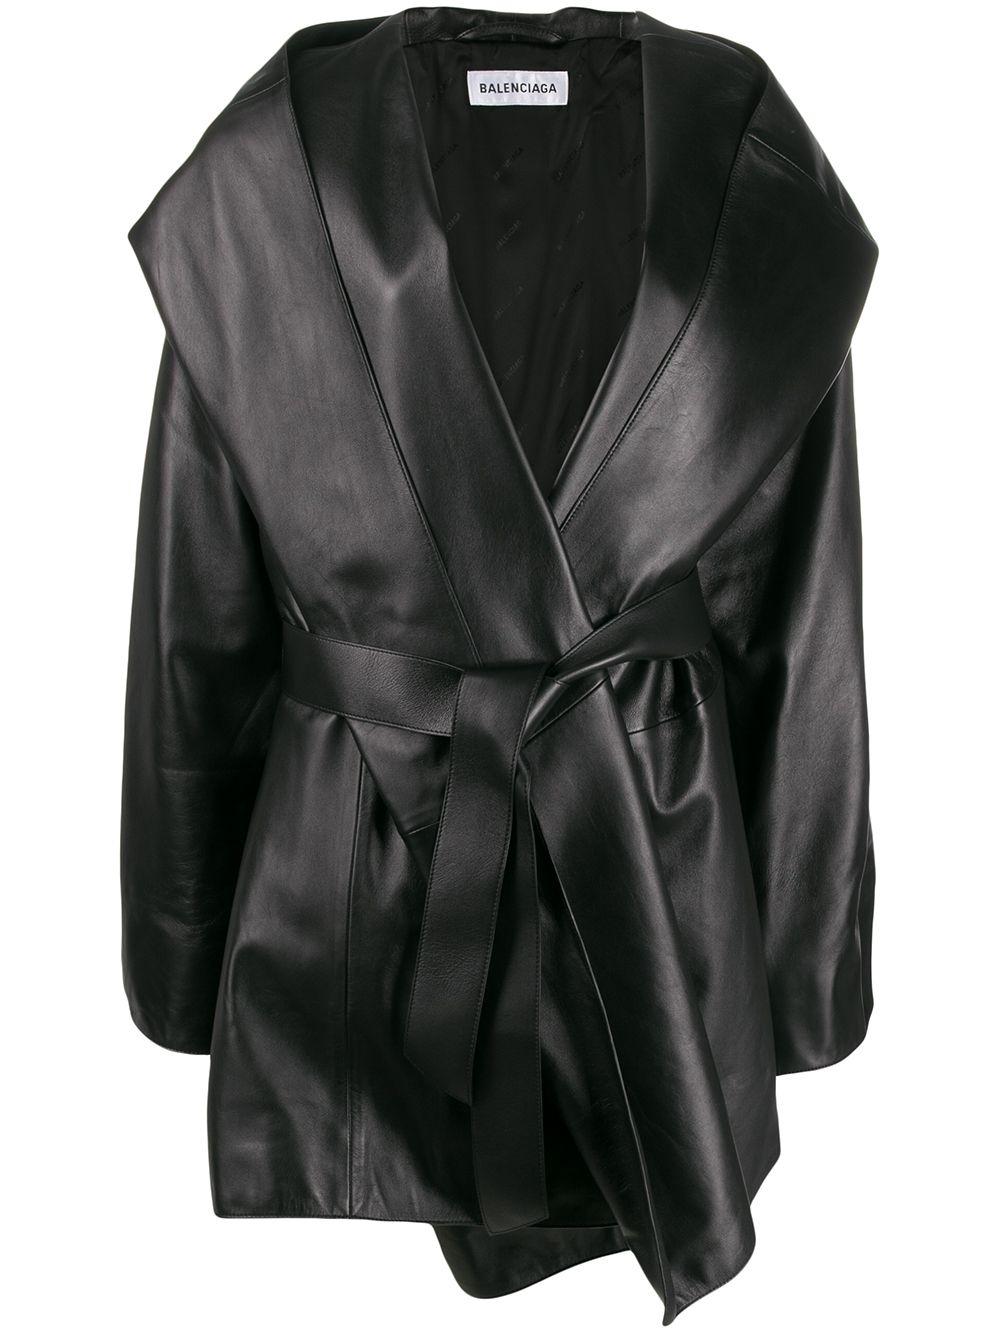 cappotto corto in pelle d'agnello e nappa nero con cappuccio e fibbia Balenciaga dorata BALENCIAGA   Cappotti   594481-TGS071000